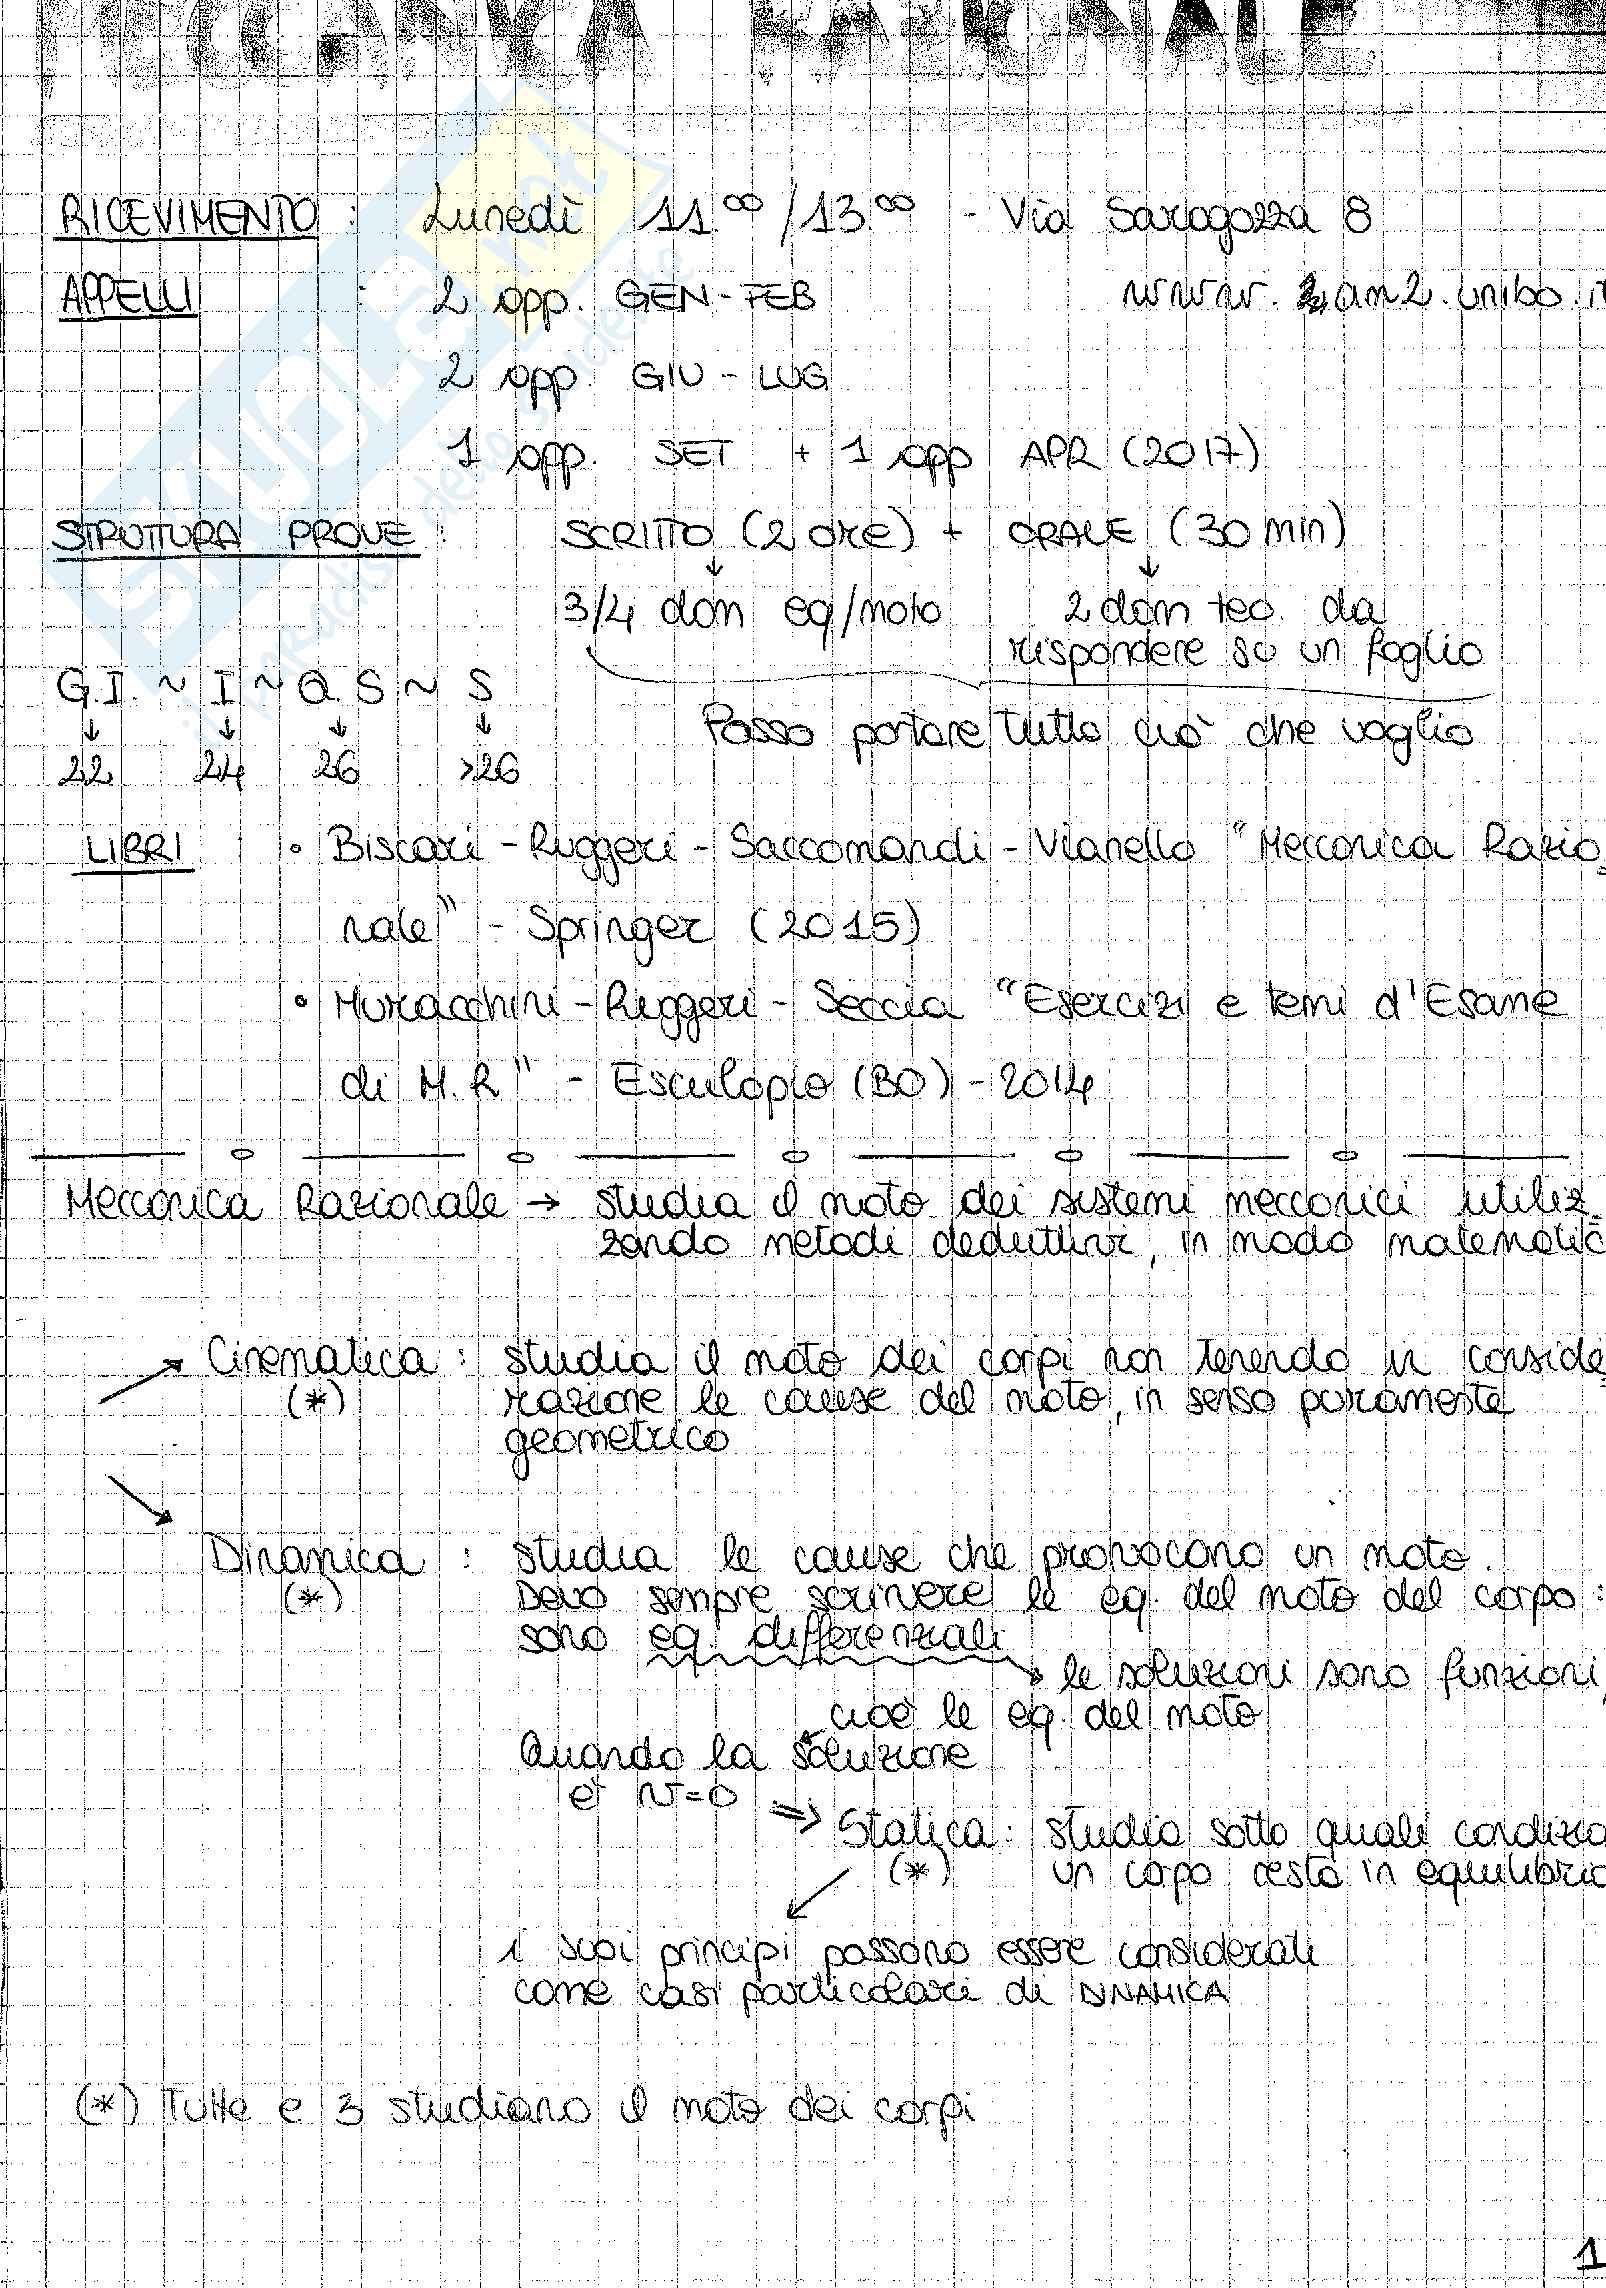 Appunti meccanica razionale